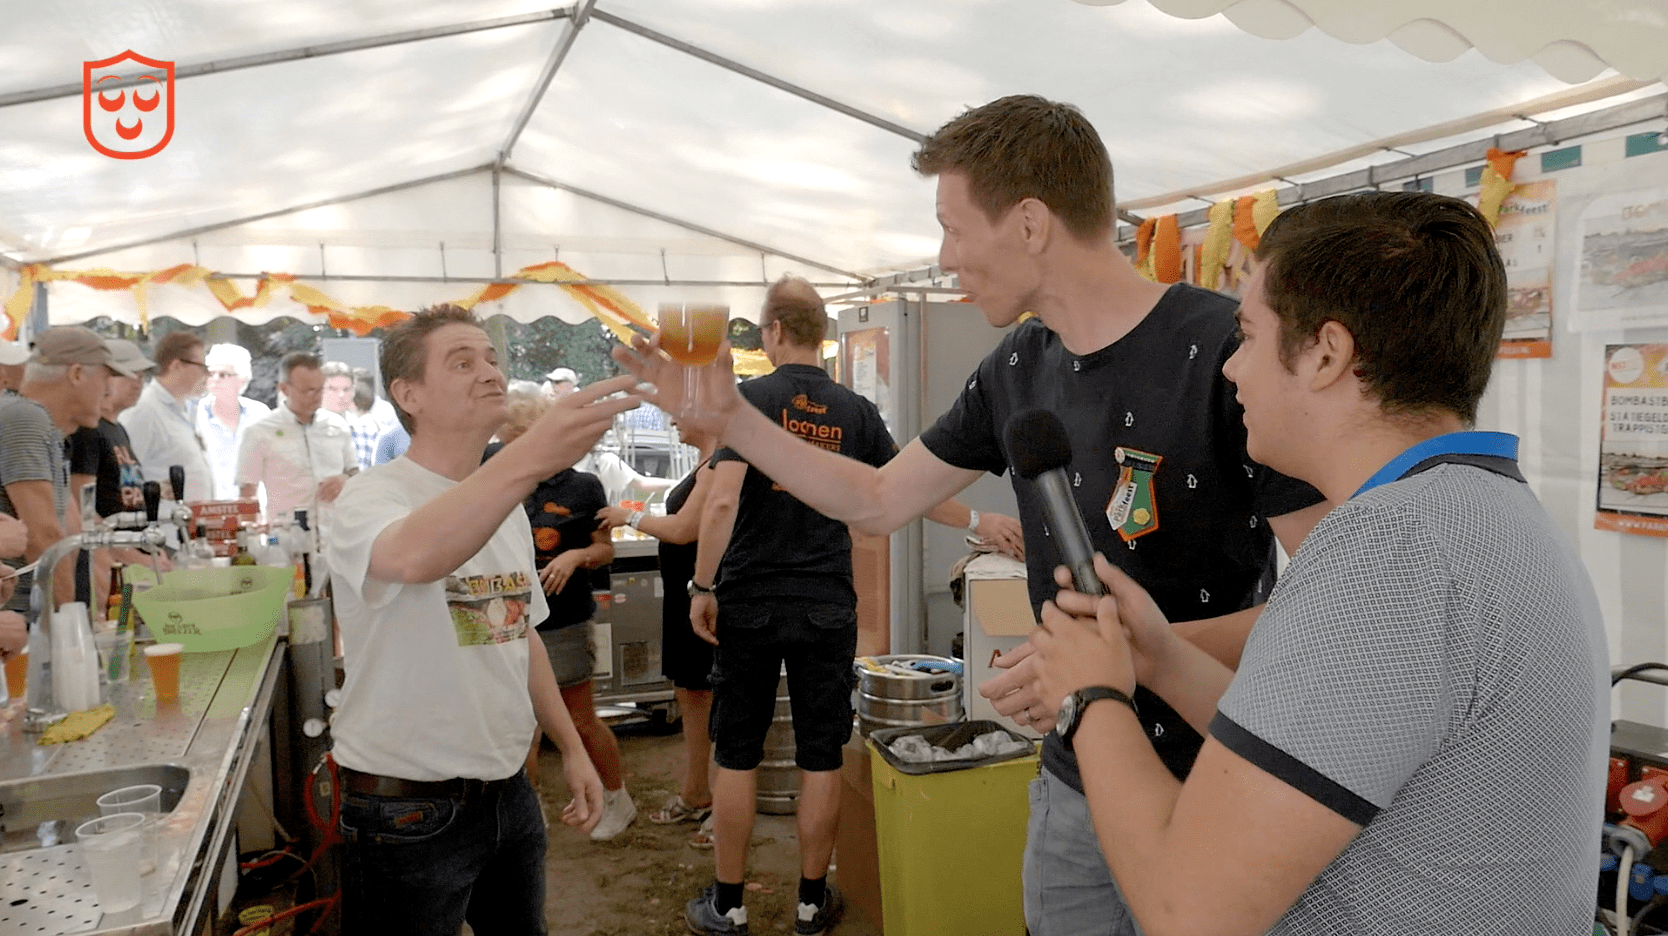 Bomast-bier op het Parkfeest. © Kaj Moerenhout Media